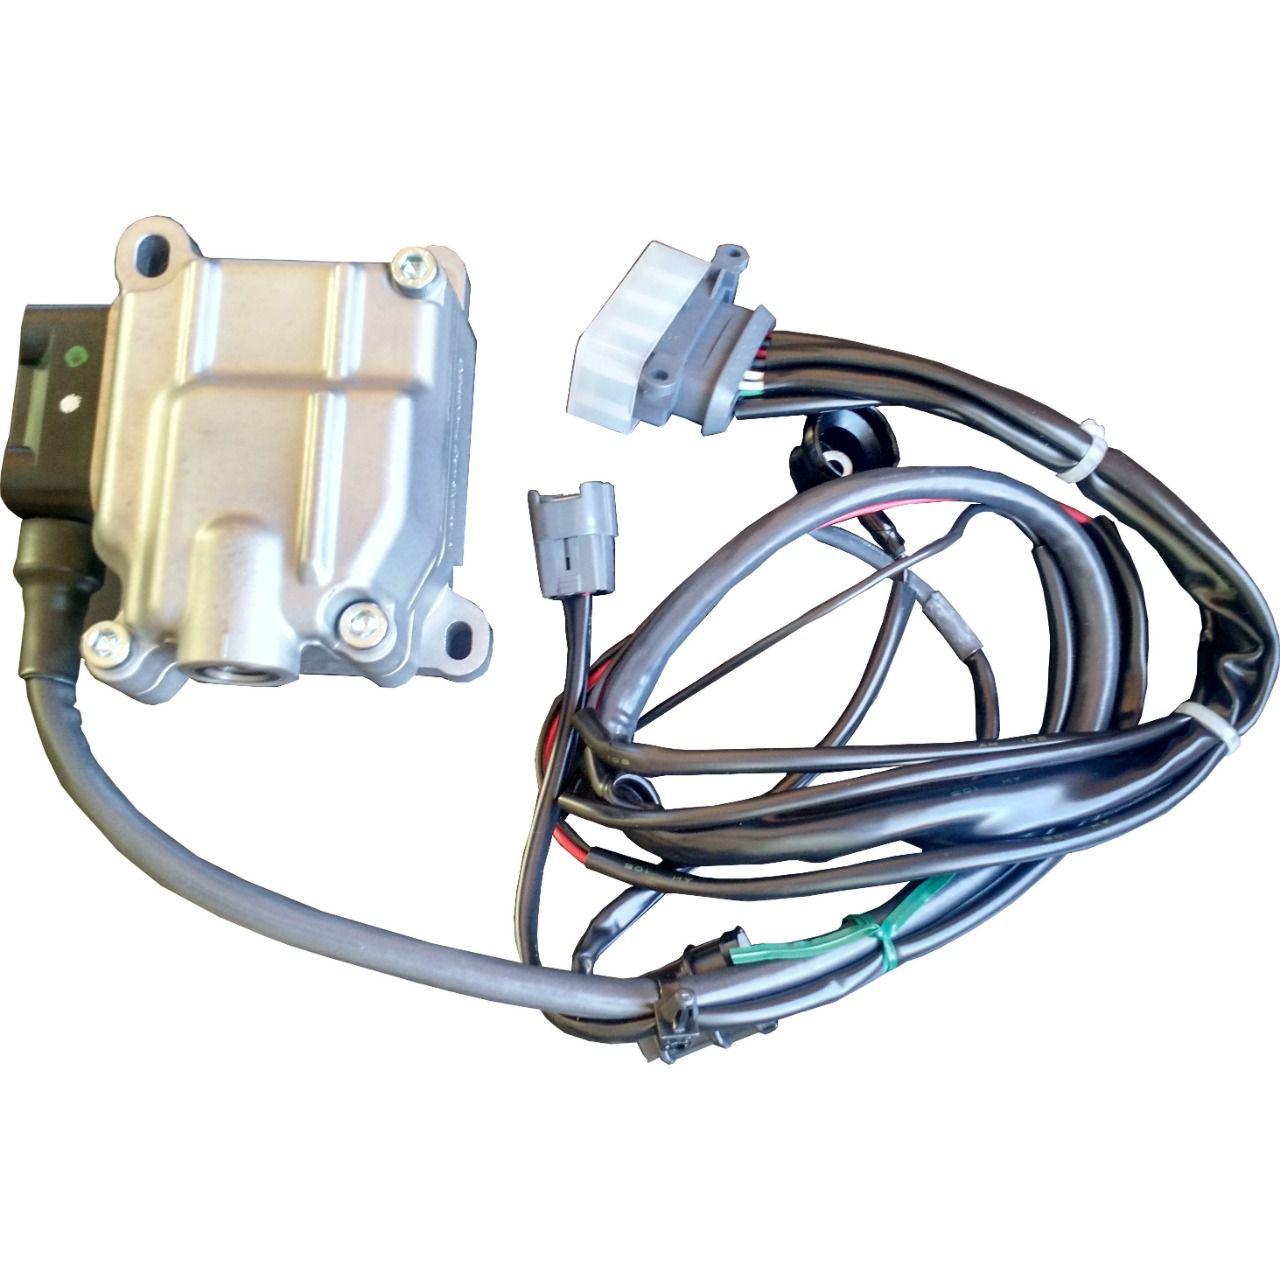 Gerenciador Eletrônico Hyundai HR  2.5 8v Ano  2005 a 2011 Euro 3  Novo Original Zexel